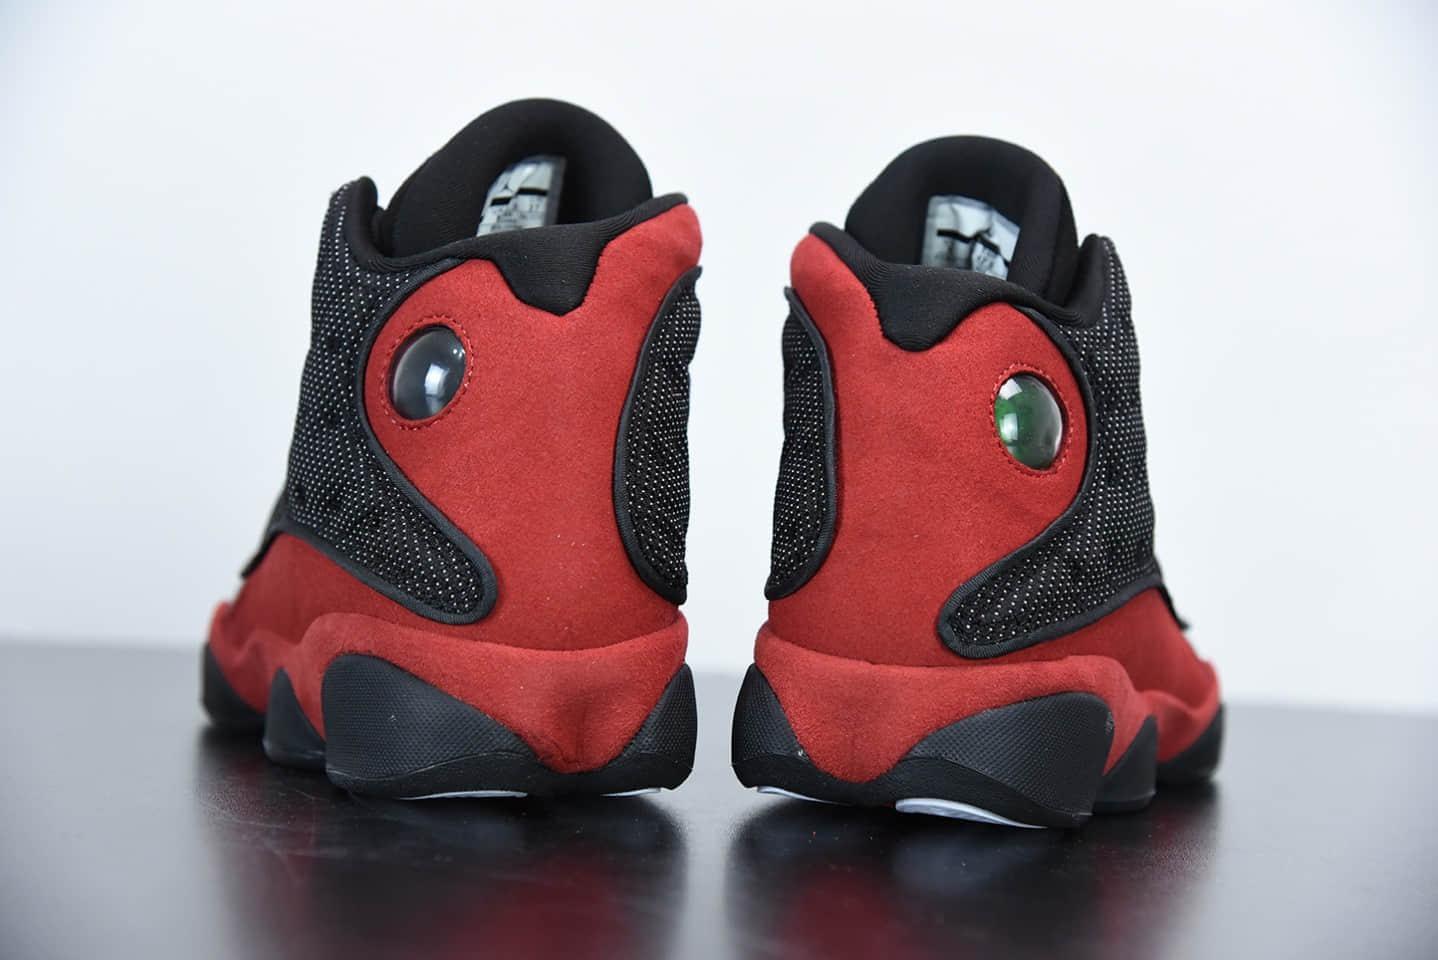 乔丹Air Jordan 13 Retro Bred 黑红休闲运动篮球鞋纯原版本 货号:414571-004